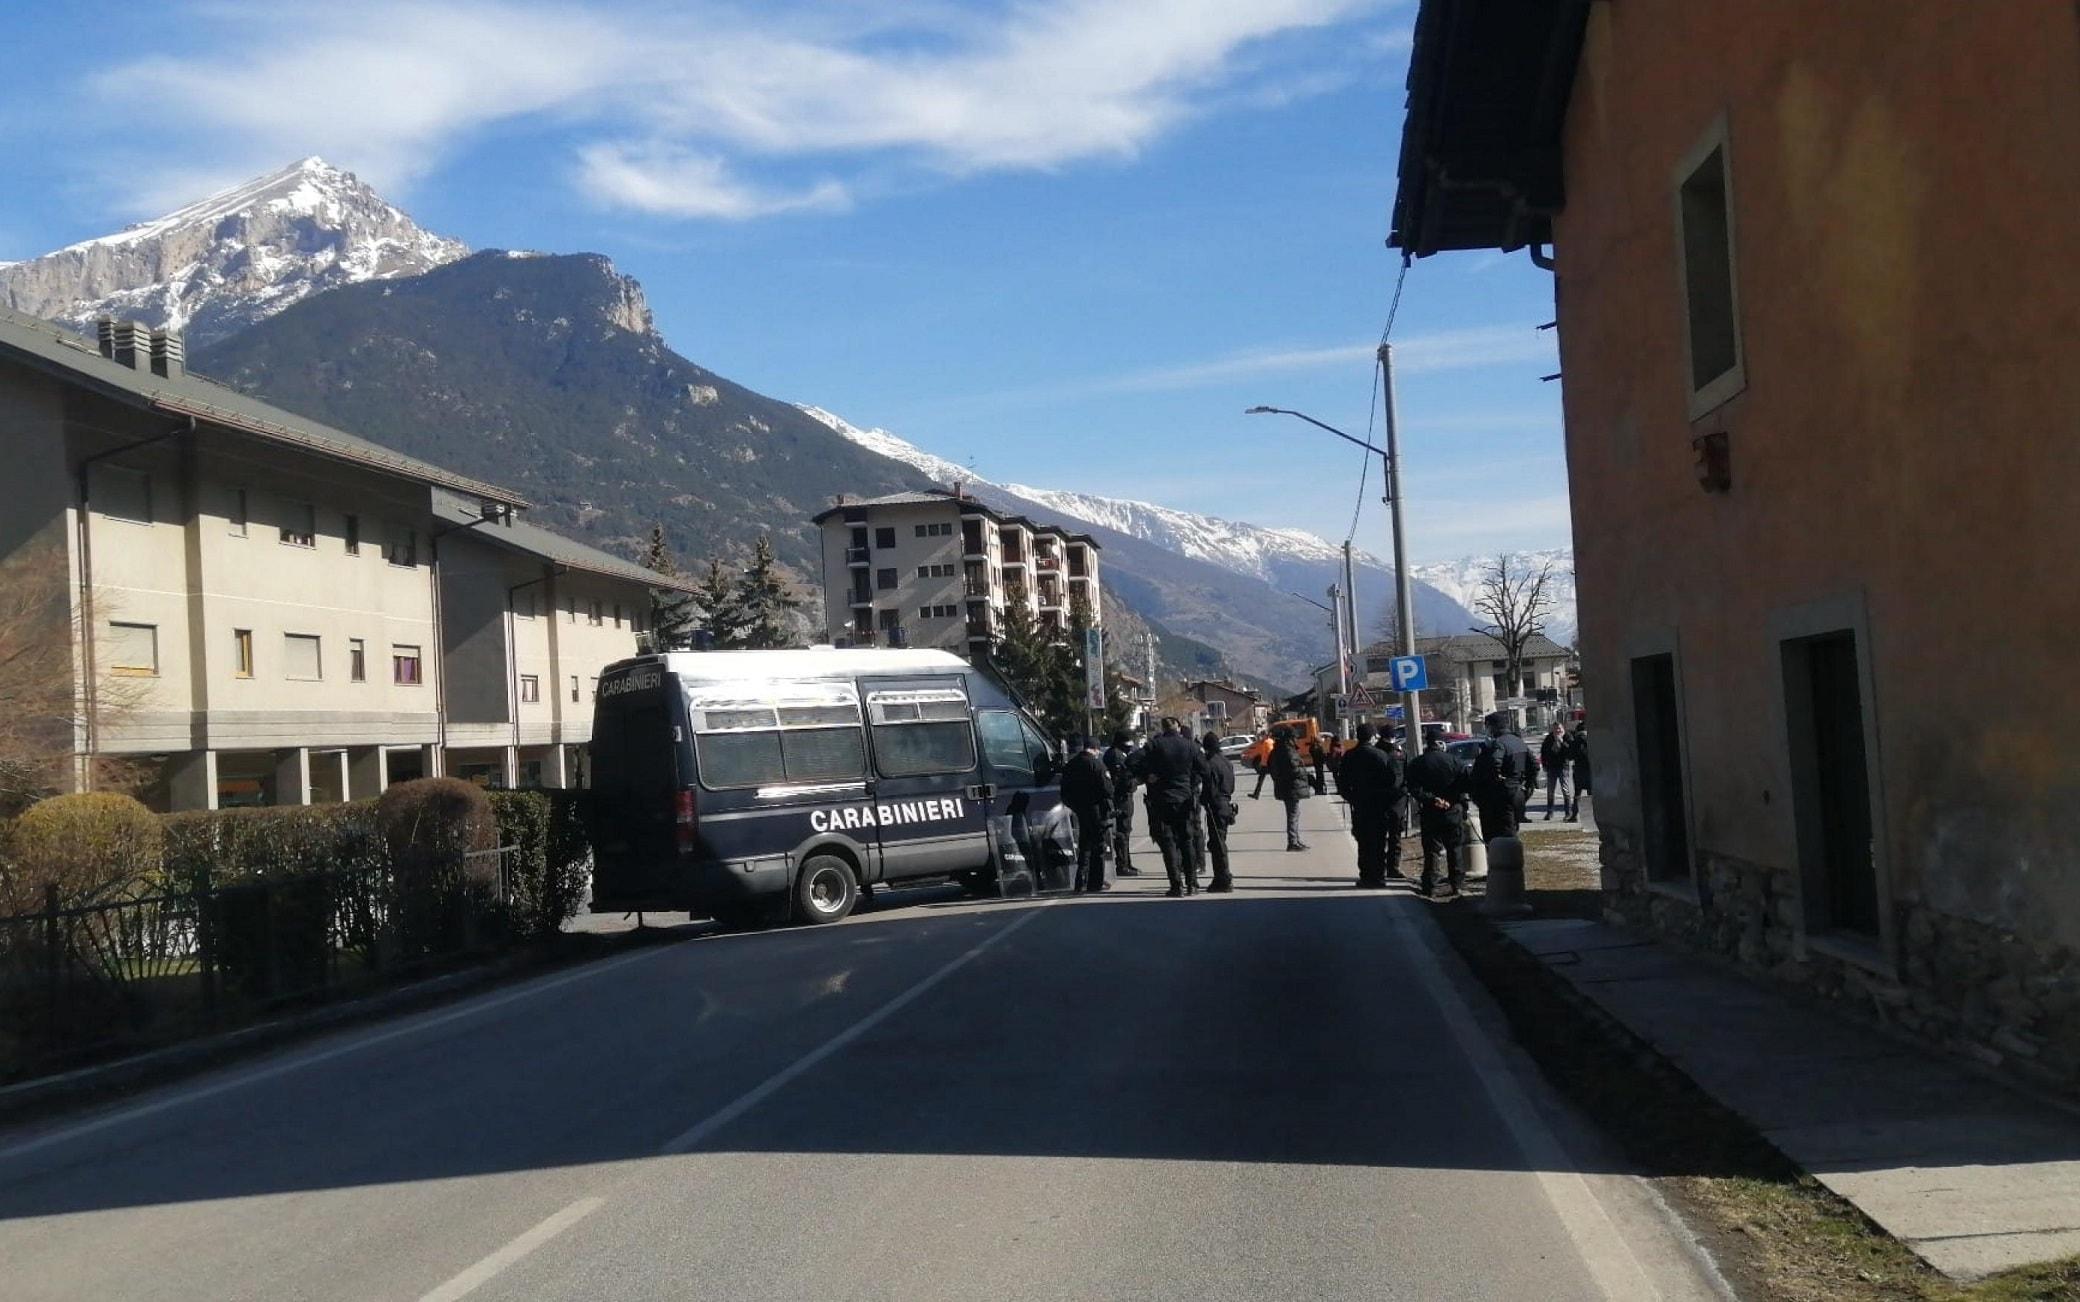 Digos della Questura di Torino e carabinieri sono impegnati dall'alba nello sgombero della casa cantoniera alle porte di Oulx